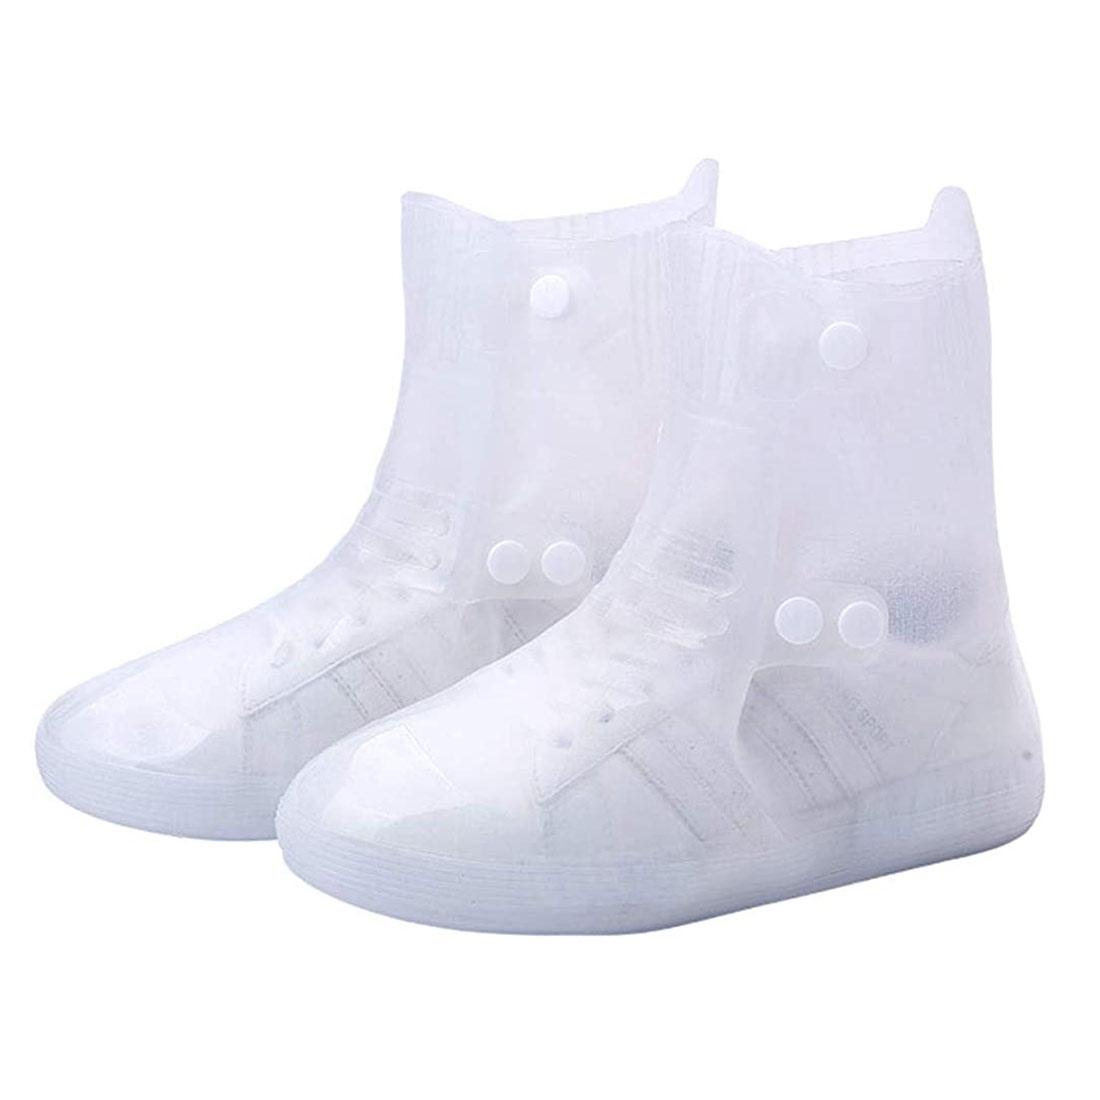 シューズカバー 人気の定番 防水 靴カバー レインシューズカバー 滑り止め 雨 通勤通学 男女兼用 雪 梅雨対策 泥除け 新発売